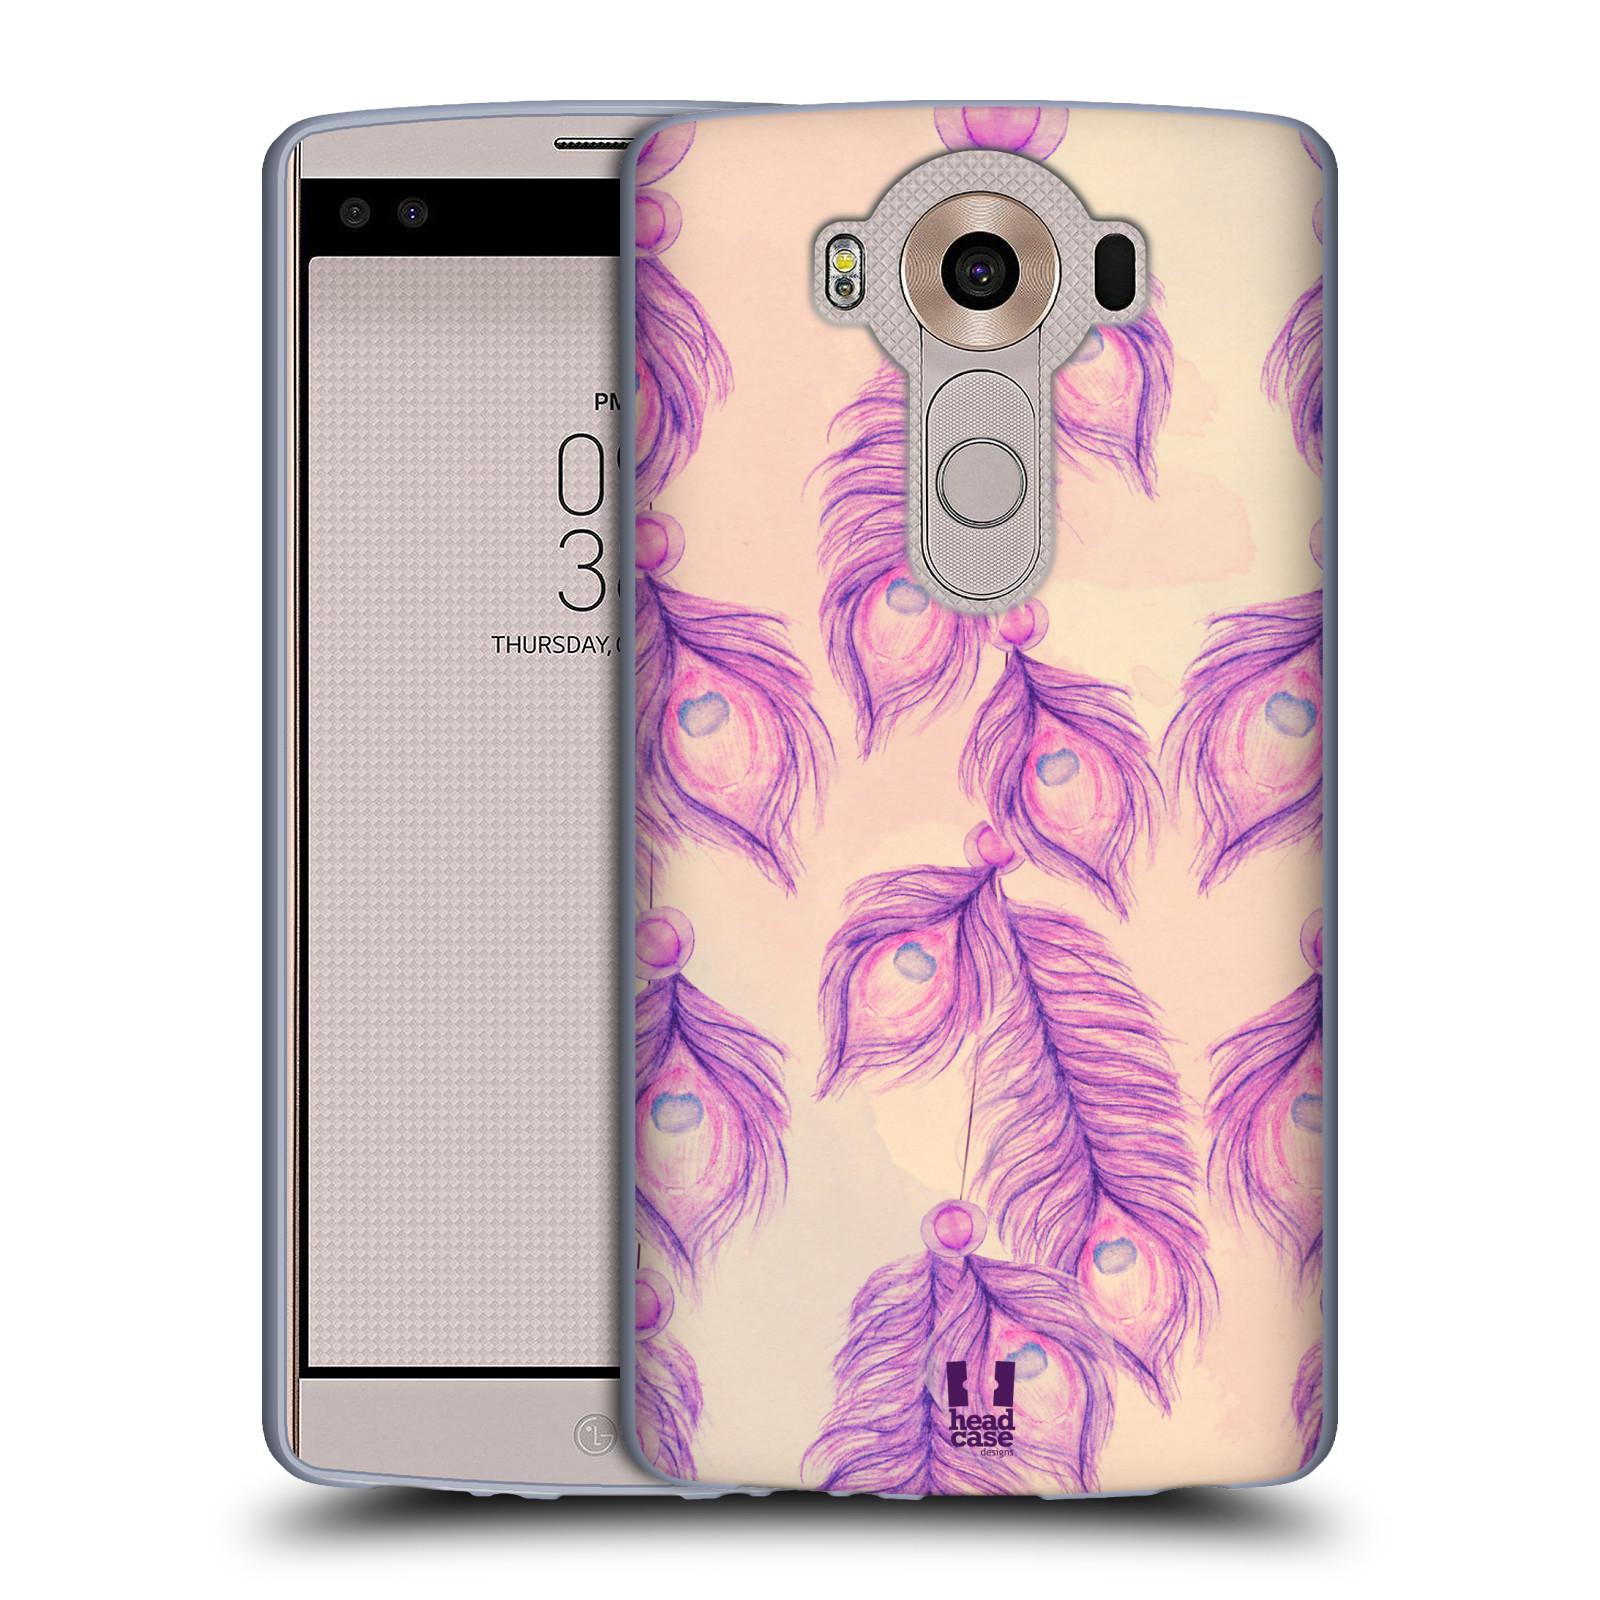 HEAD CASE silikonový obal na mobil LG V10 (H960A) vzor Paví pírka barevná FIALOVÁ